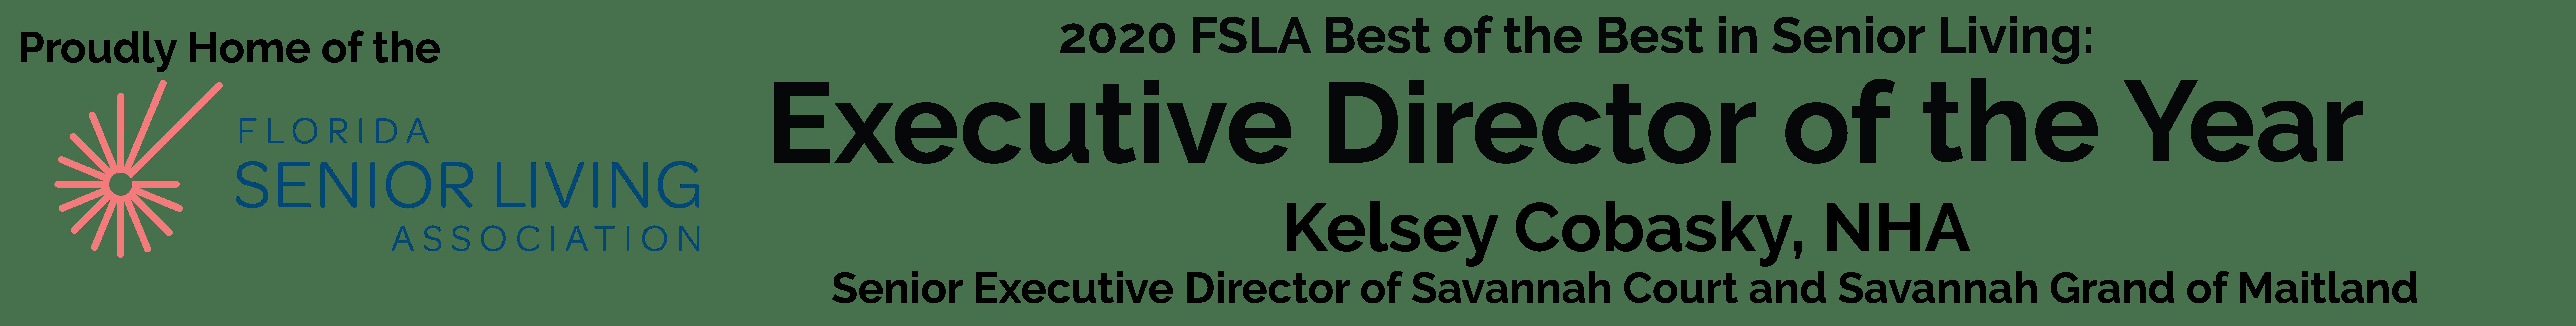 Florida Executive Director of the Year at Savannah Grand of Maitland